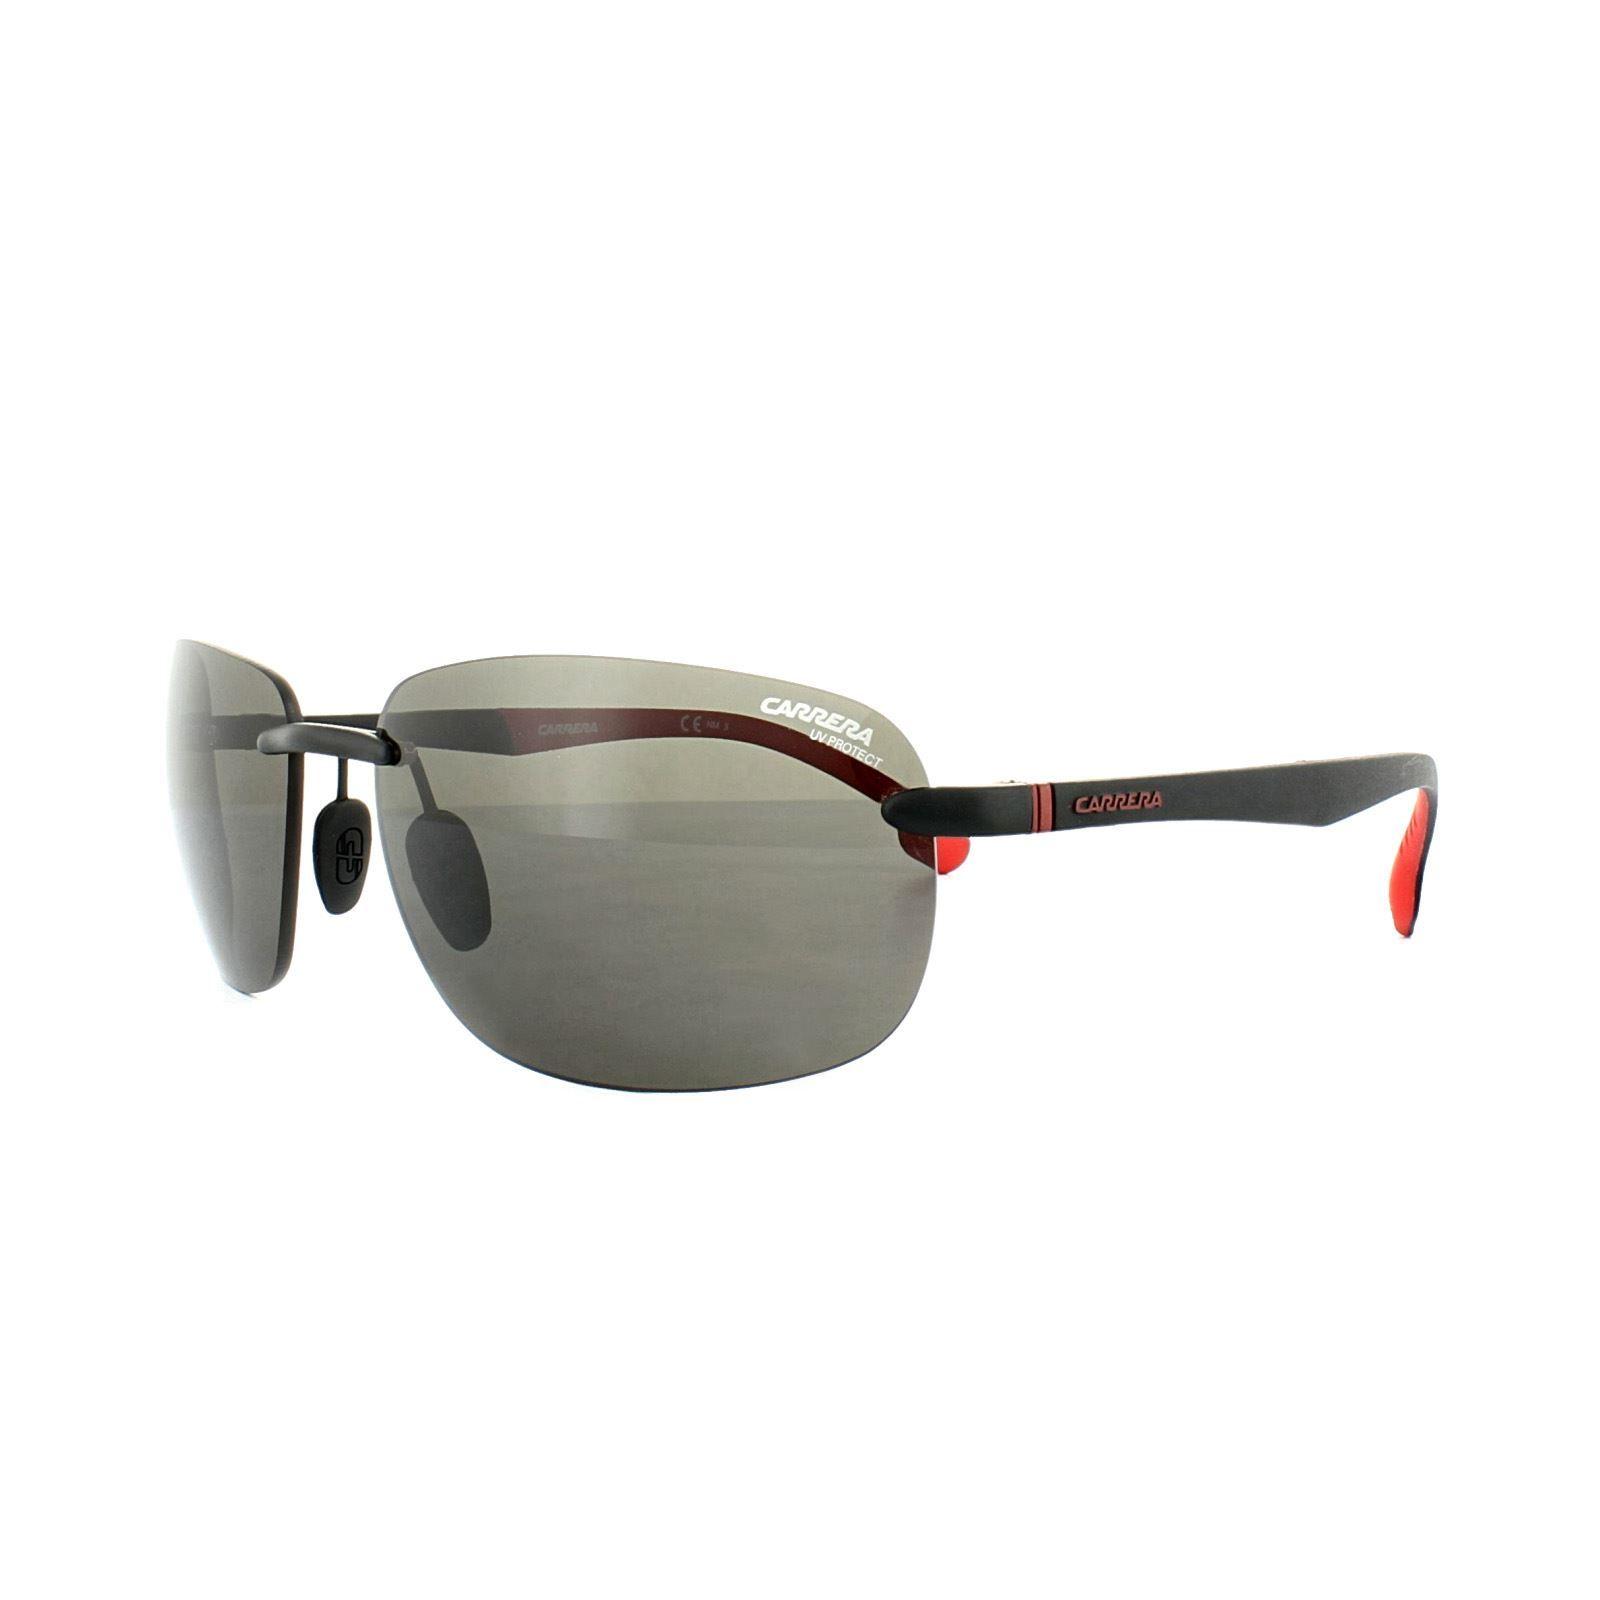 Carrera Sunglasses Carrera 4010/S BLX IR Matt Black & Red Dark Grey